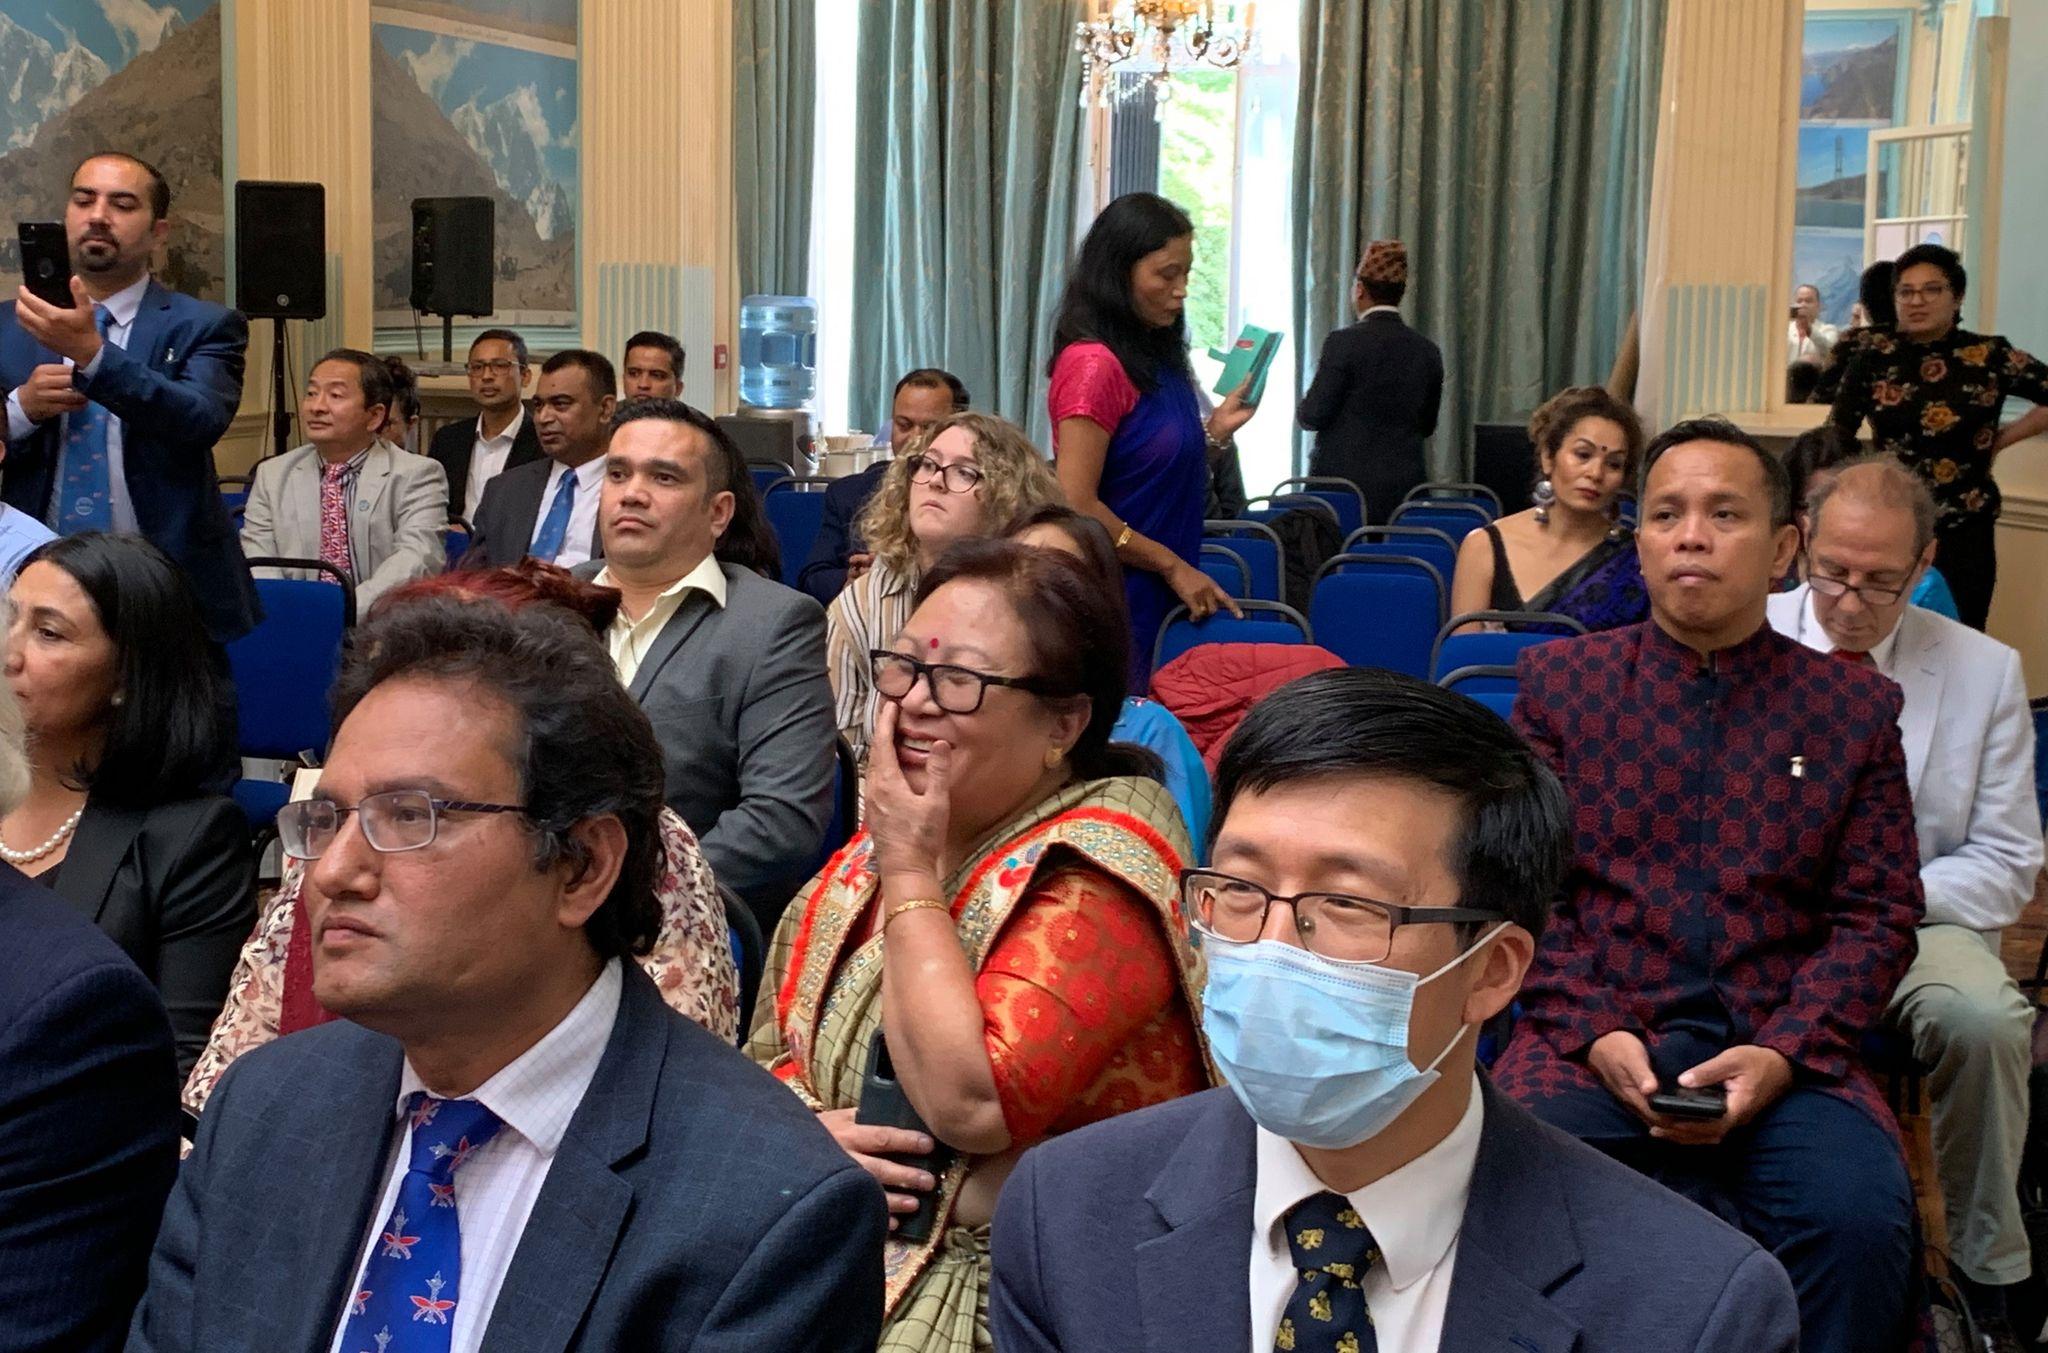 २८ बुँदे लण्डन घोषणापत्र जारी गर्दै तेश्रो विश्व नेपाली स्वास्थ्य सम्मेलन सम्पन्न